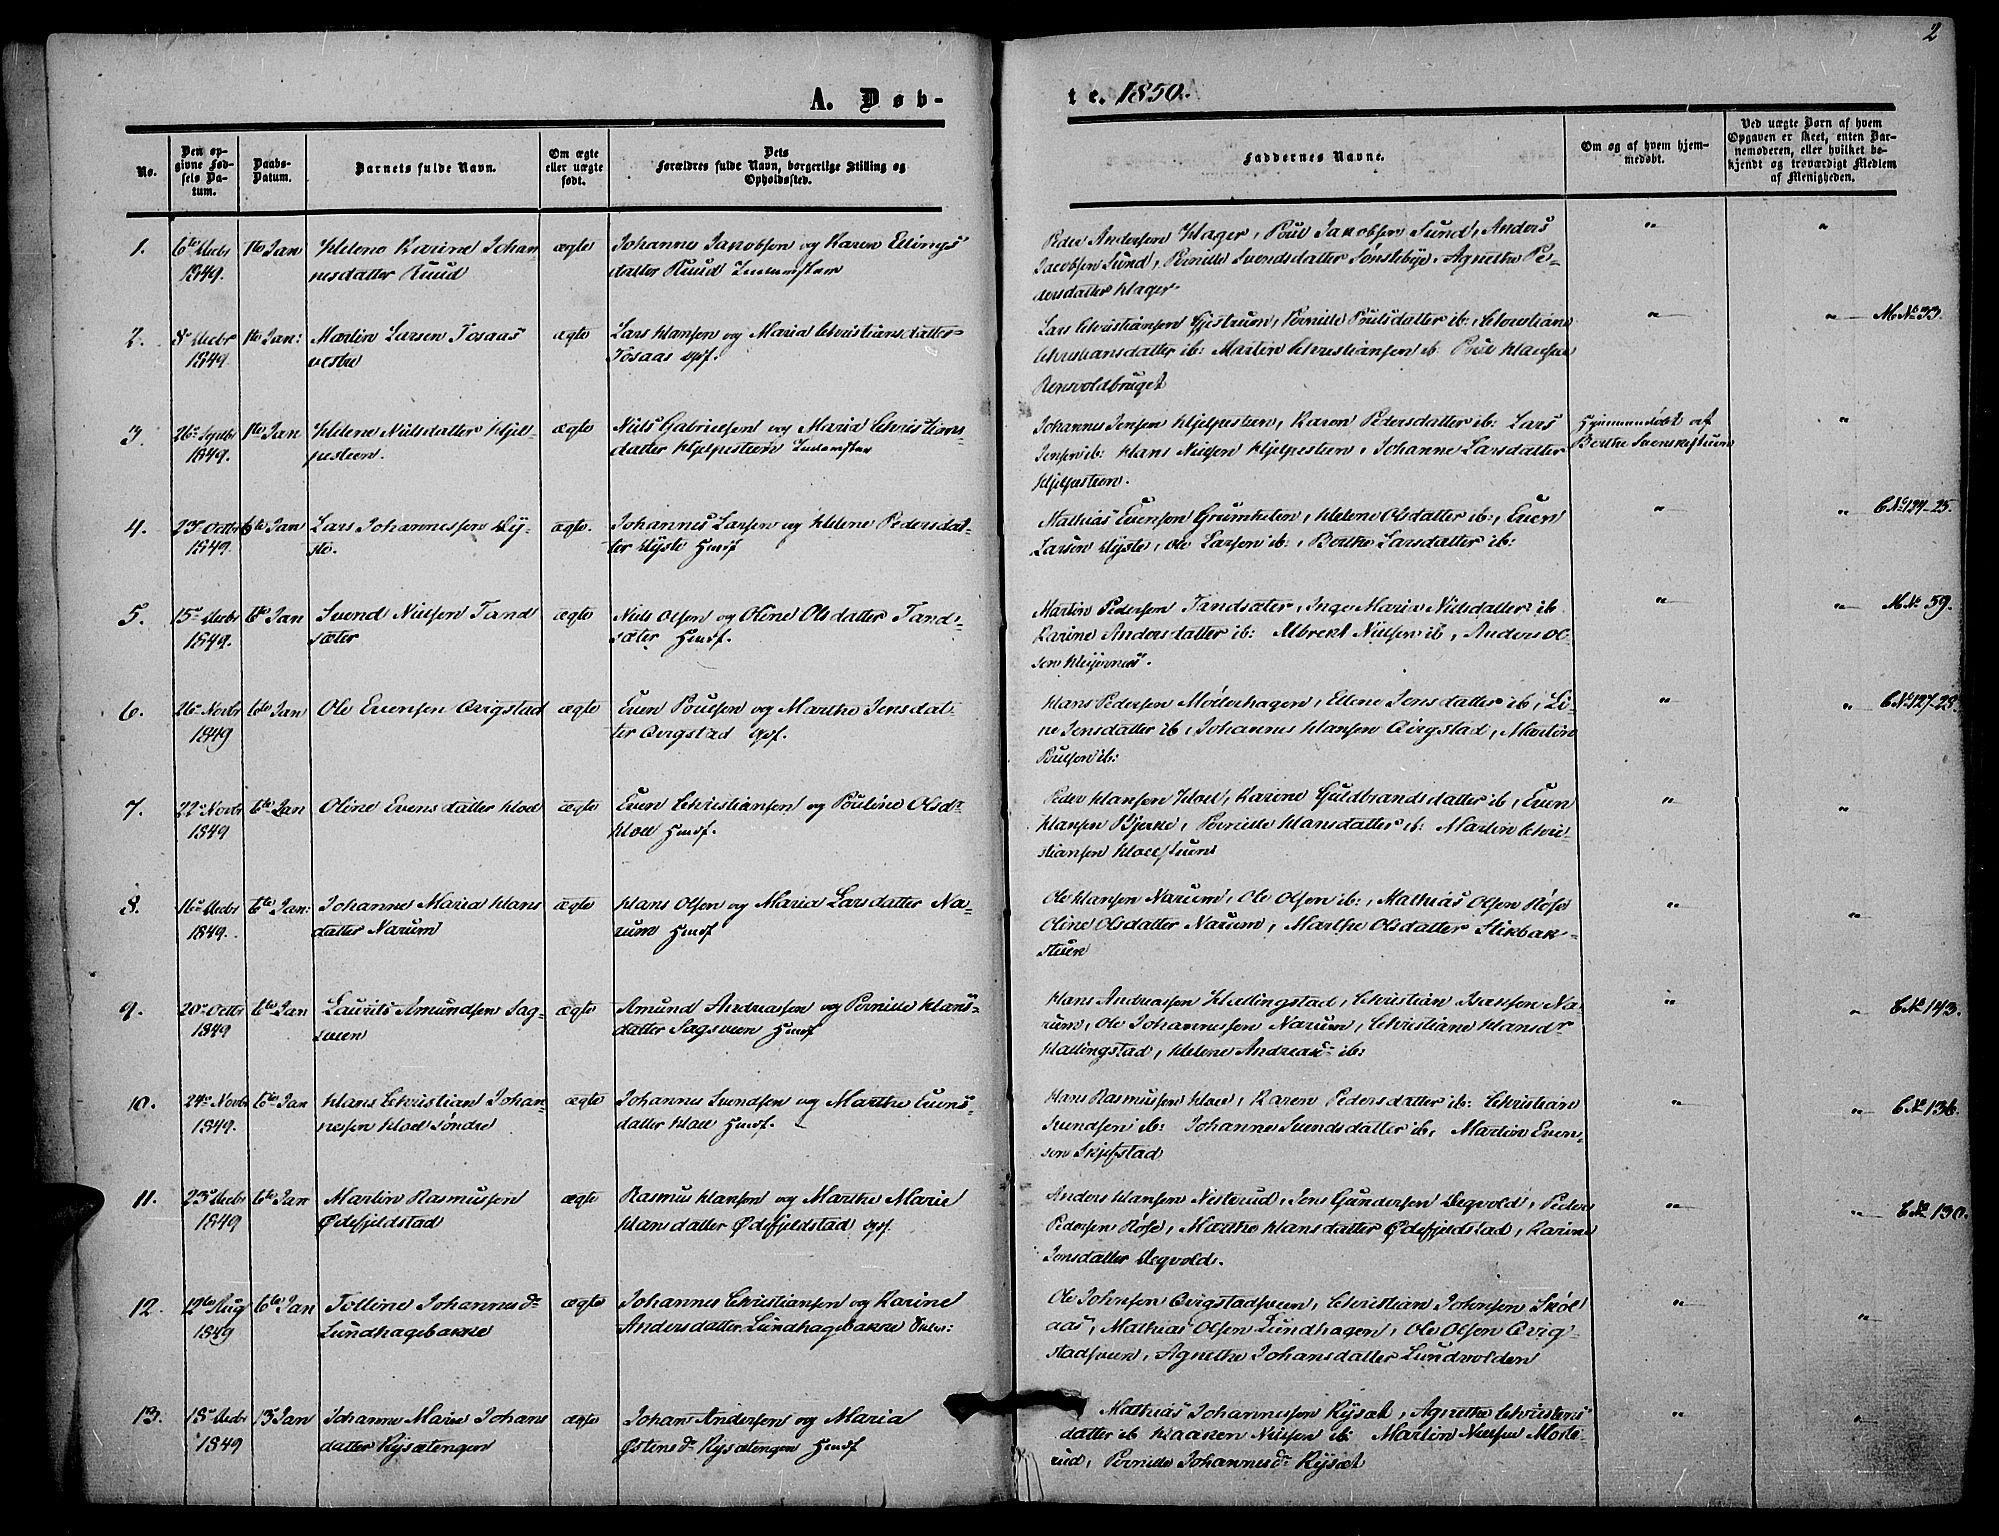 SAH, Vestre Toten prestekontor, Ministerialbok nr. 5, 1850-1855, s. 2